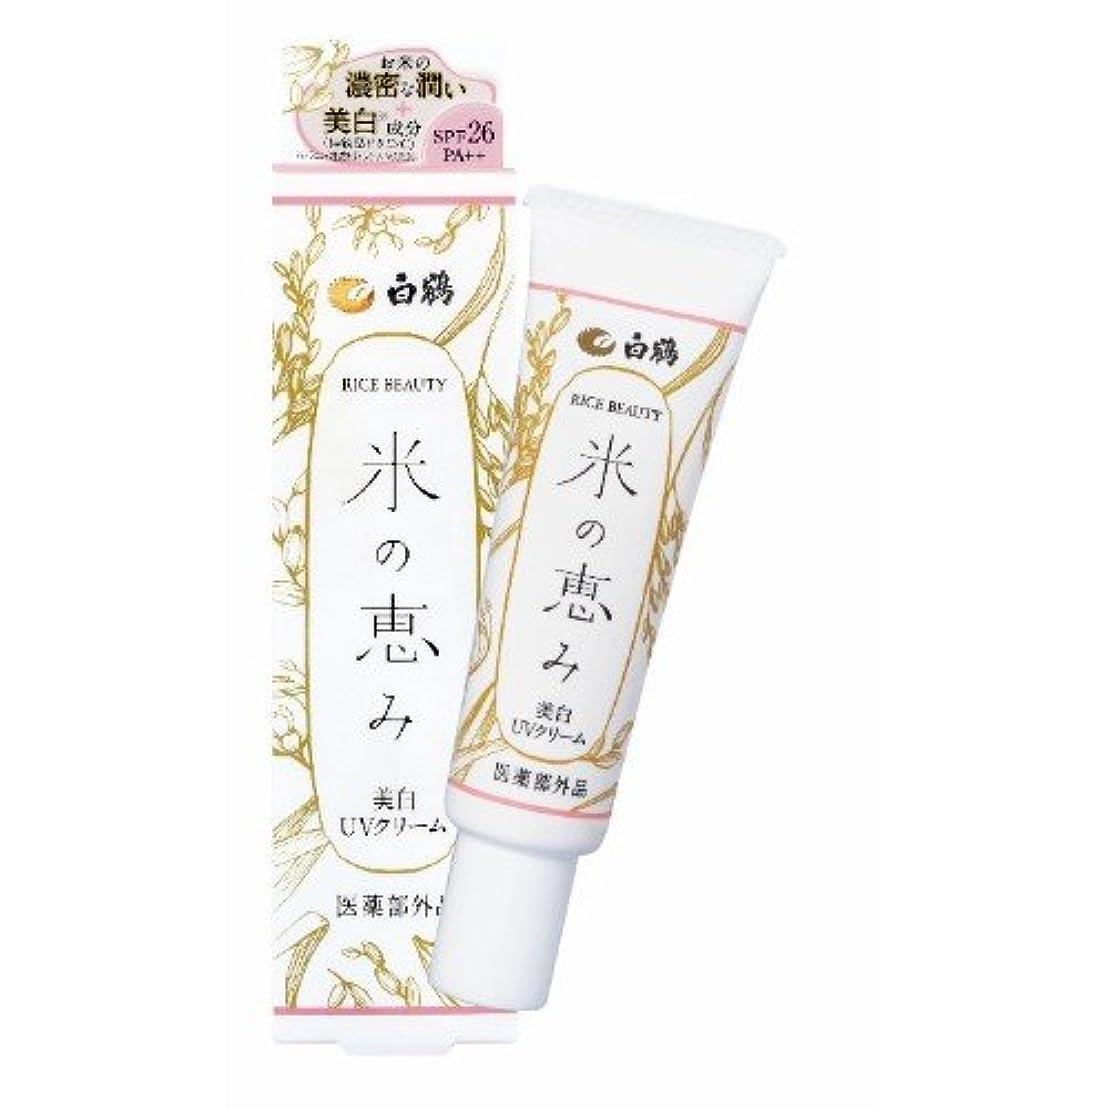 オピエート放送より多い白鶴 ライスビューティー 米の恵み 美白UVクリーム 30g SPF26/PA++ (日焼け止め/医薬部外品)